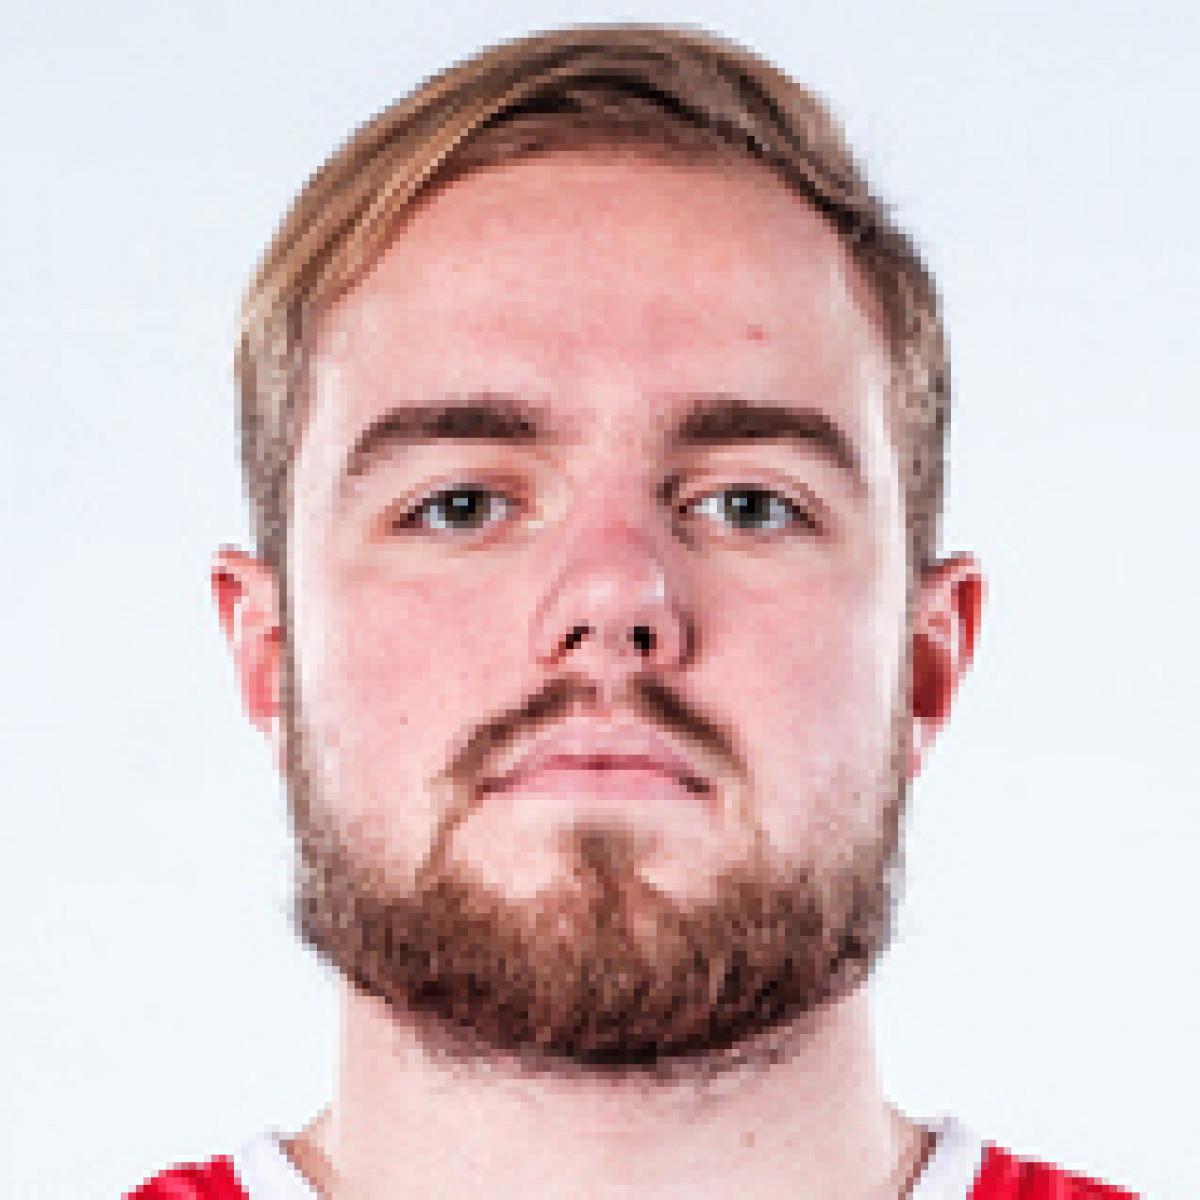 Sander Viilup